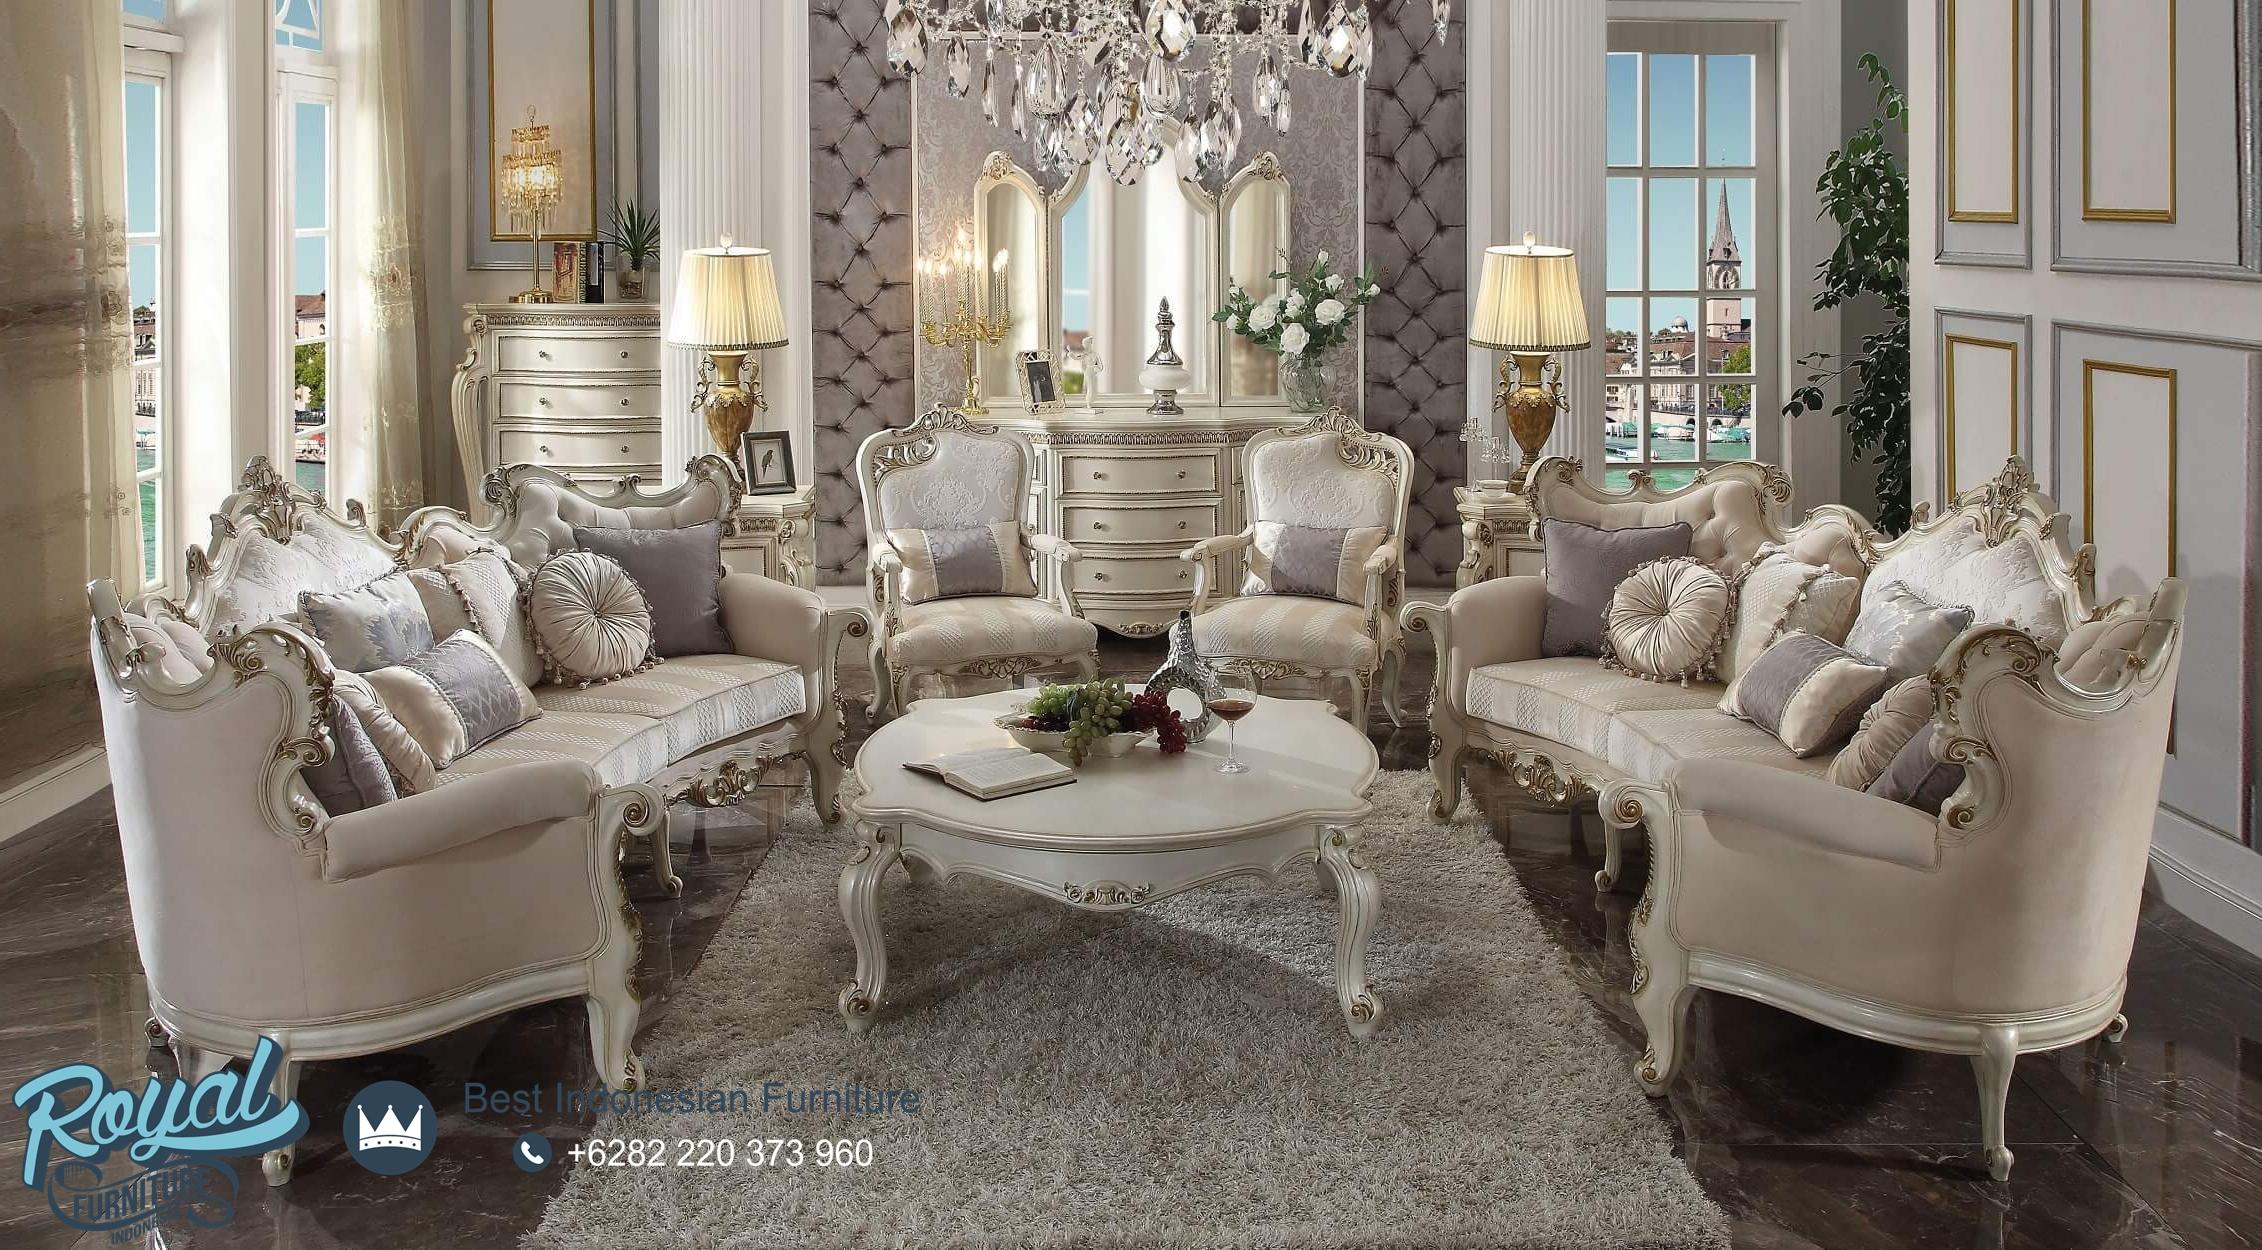 Desain Sofa Tamu Mewah Modern Ukir Jepara Terbaru Antique Pearl, kursi tamu mewah modern, kursi tamu mewah elegan, kursi tamu mewah jati terbaru, sofa tamu mewah terbaru, desain sofa ruang tamu mewah modern, sofa mewah murah, sofa mewah minimalis, sofa mewah kulit asli, model sofa mewah terbaru, model sofa mewah elegan, sofa tamu ukir jepara, sofa tamu jepara terbaru mewah, sofa tamu jepara terbaru, sofa tamu jepara minimalis, sofa tamu jepara warna putih duco, sofa ruang tamu jepara, sofa tamu jati jepara, kursi sofa tamu jepara, sofa tamu ukiran jepara, harga sofa tamu jepara murah, sofa jepara, harga sofa tamu jepara, sofa mewah, sofa kayu jati ukir, kursi tamu jepara terbaru, furniture mewah, furniture kayu jati, furniture kayu, mebel minimalis, jati jepara,jepara furniture, mebel jati jepara, ukir jepara, mebel jepara, royal furniture jepara